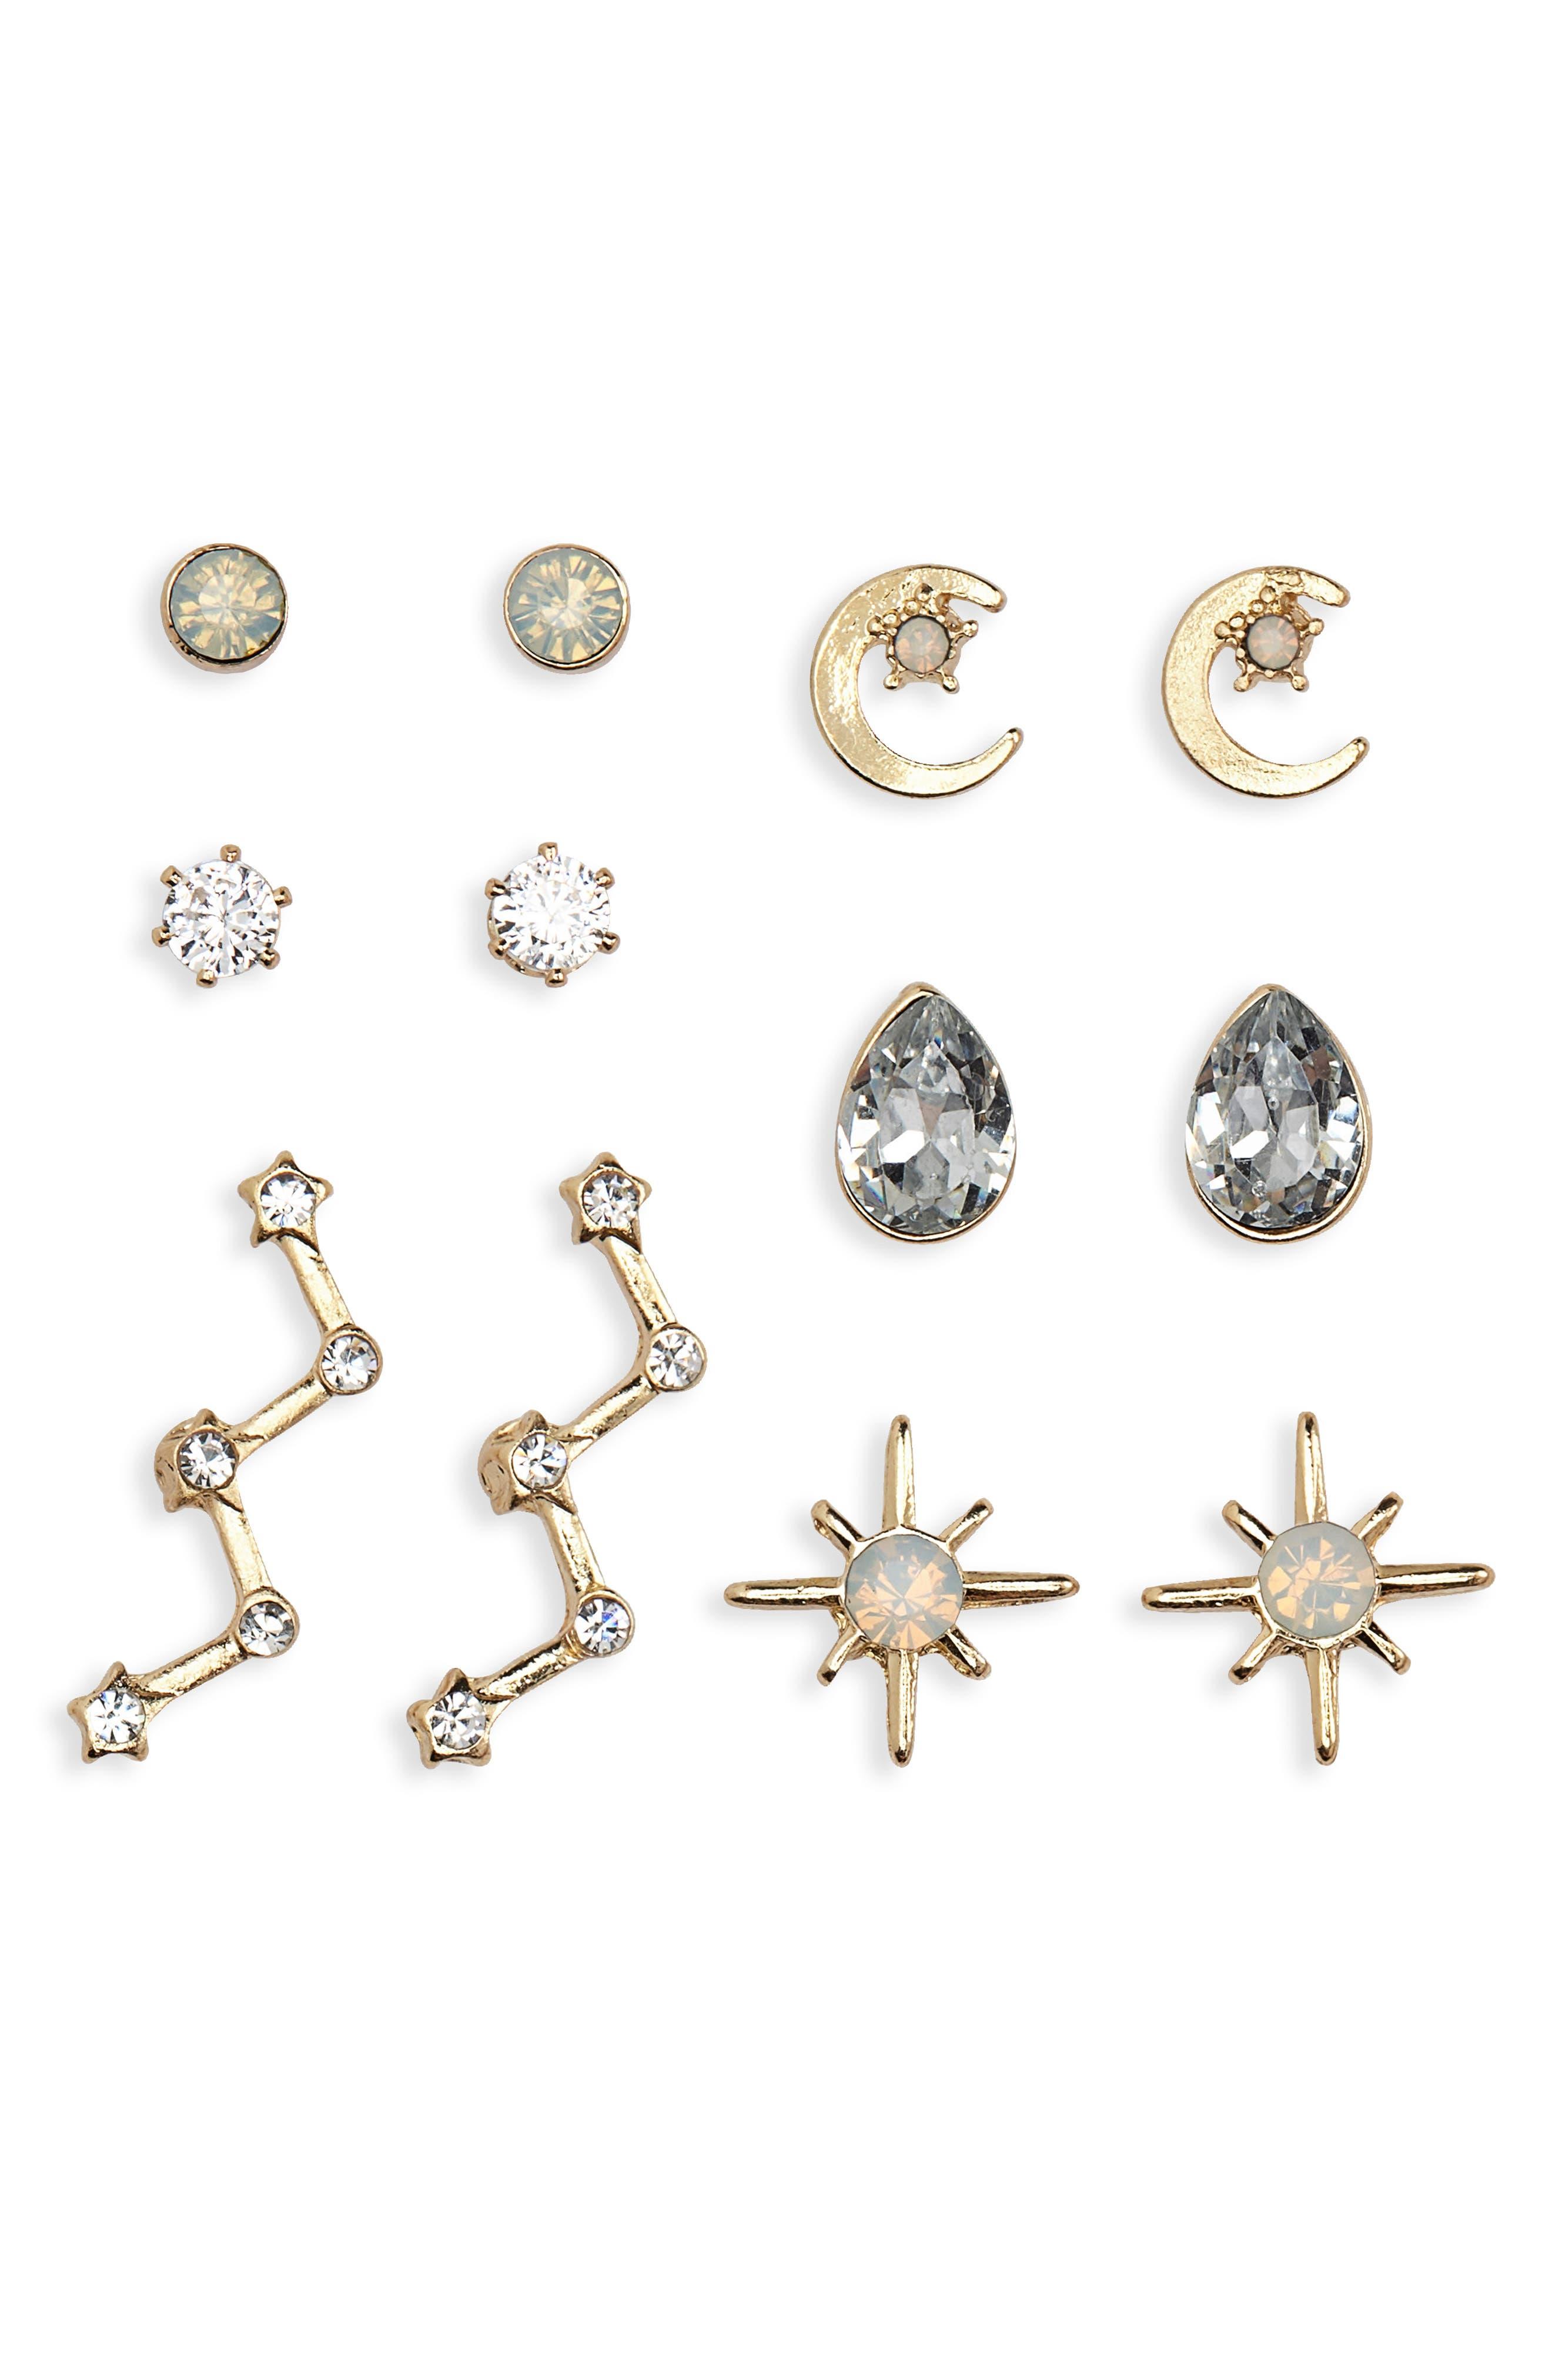 Set of 6 Moon & Star Stud Earrings,                             Main thumbnail 1, color,                             710